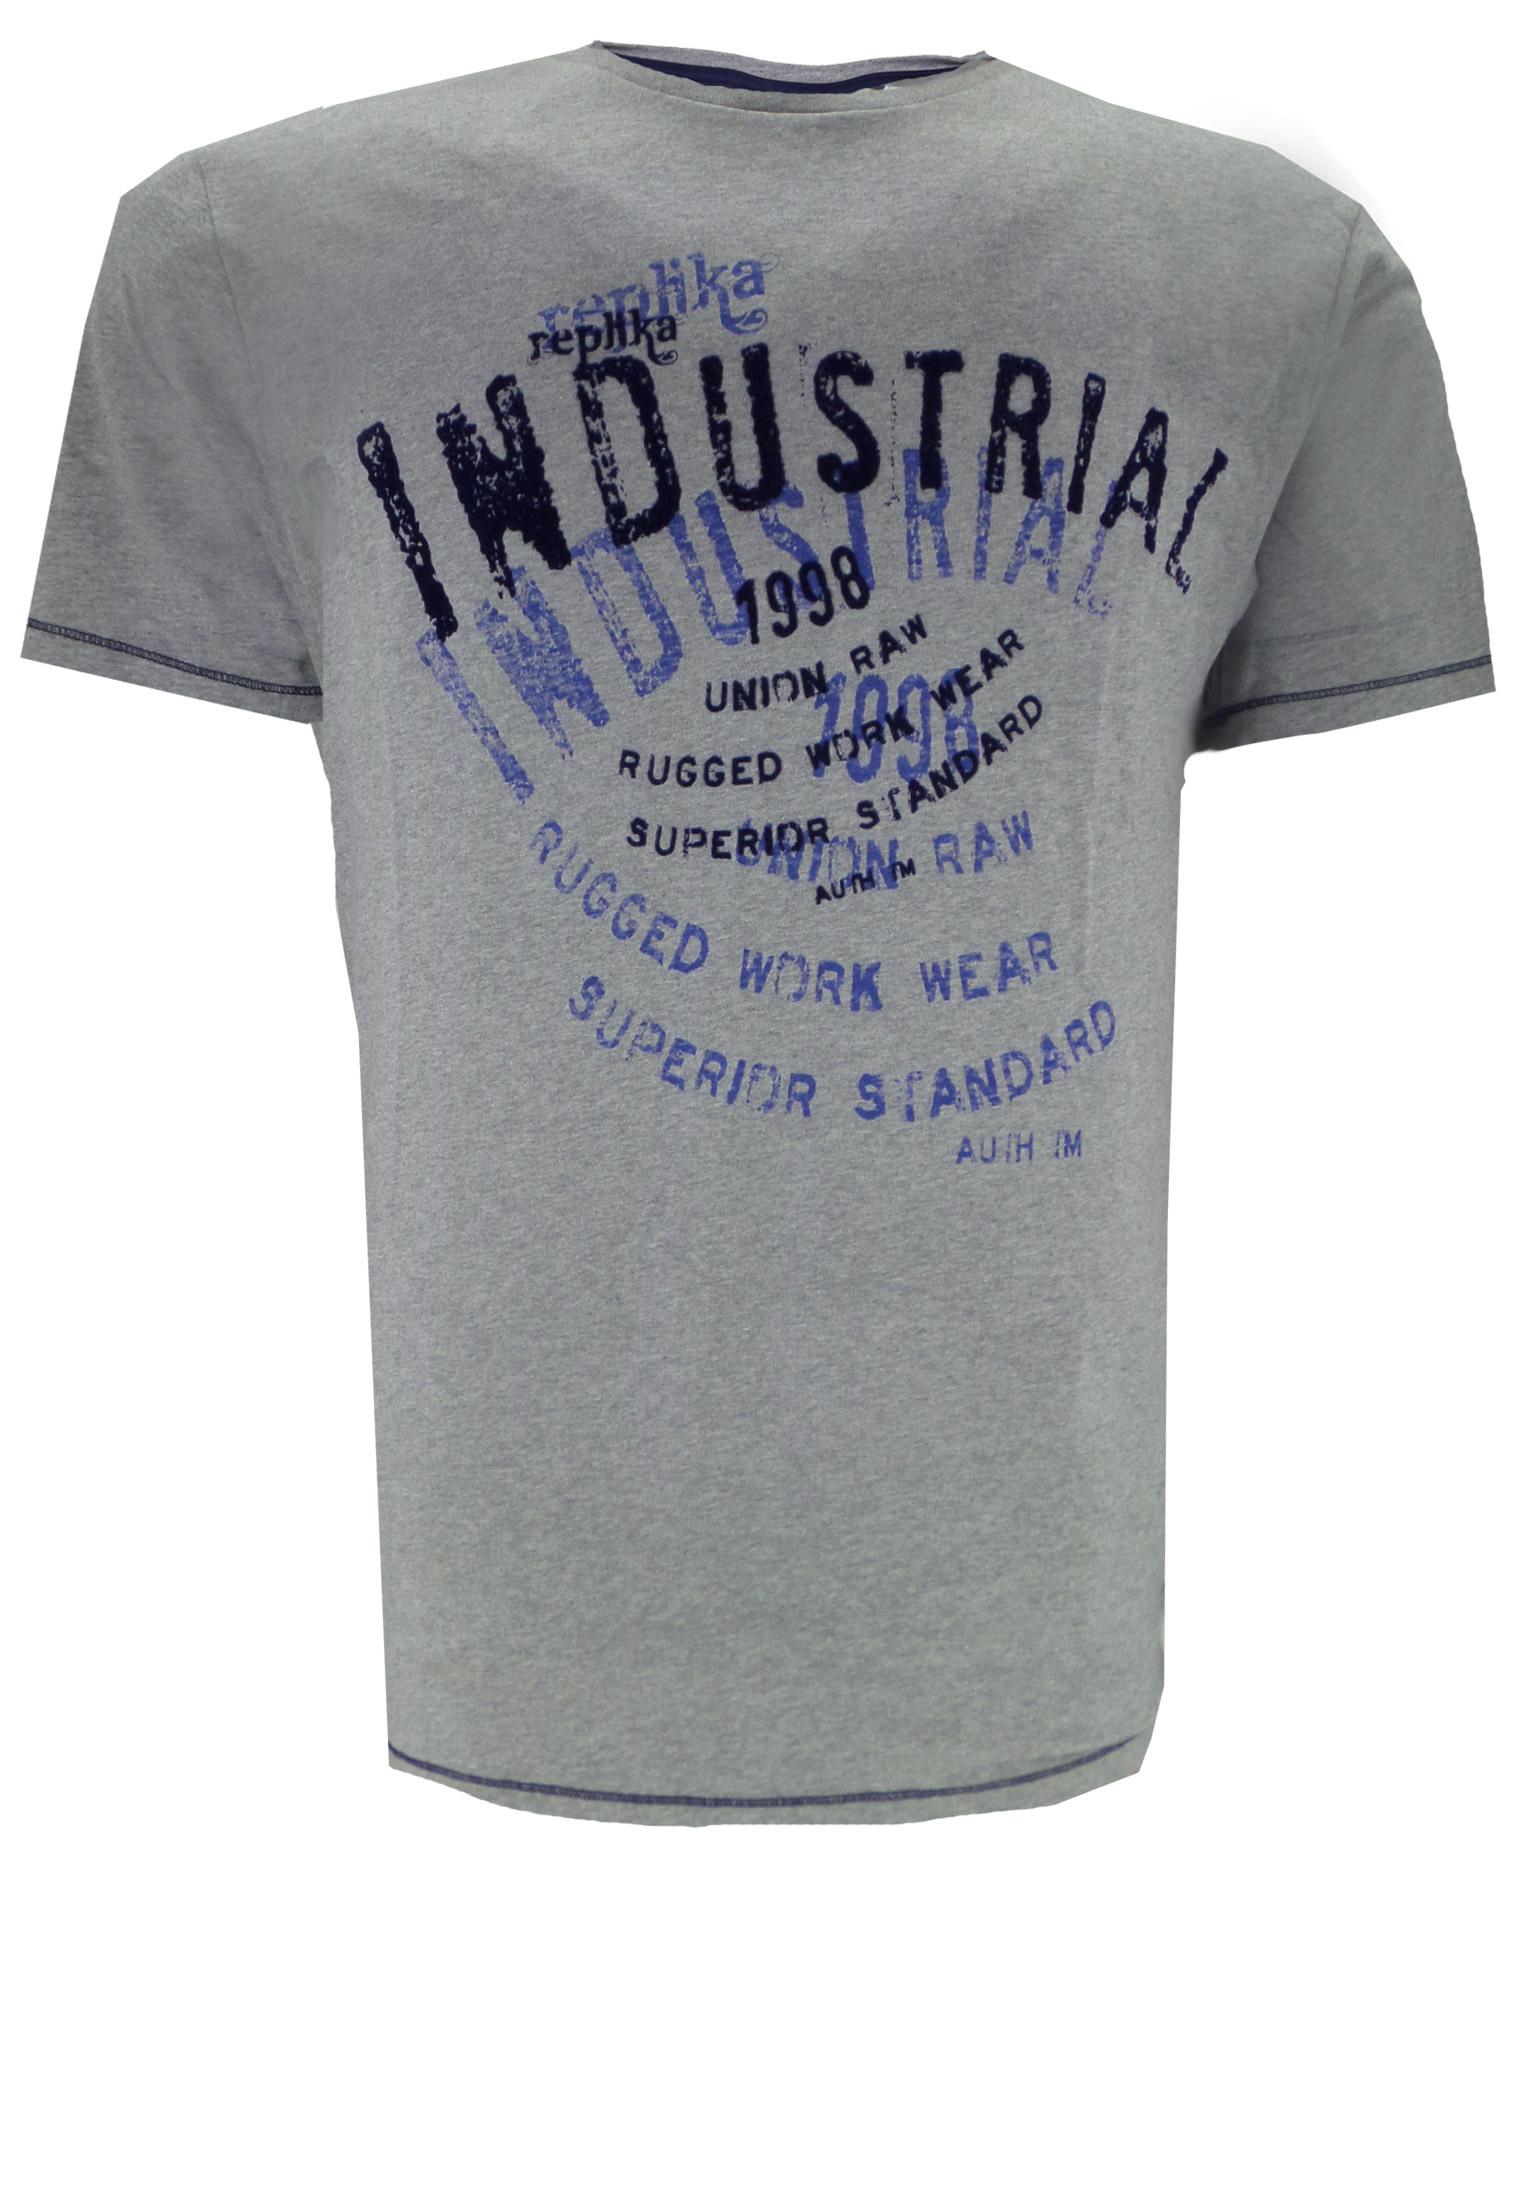 Replika T-shirt met ronde hals, gekleurde print op de voorzijde en contrasterende stiksels.